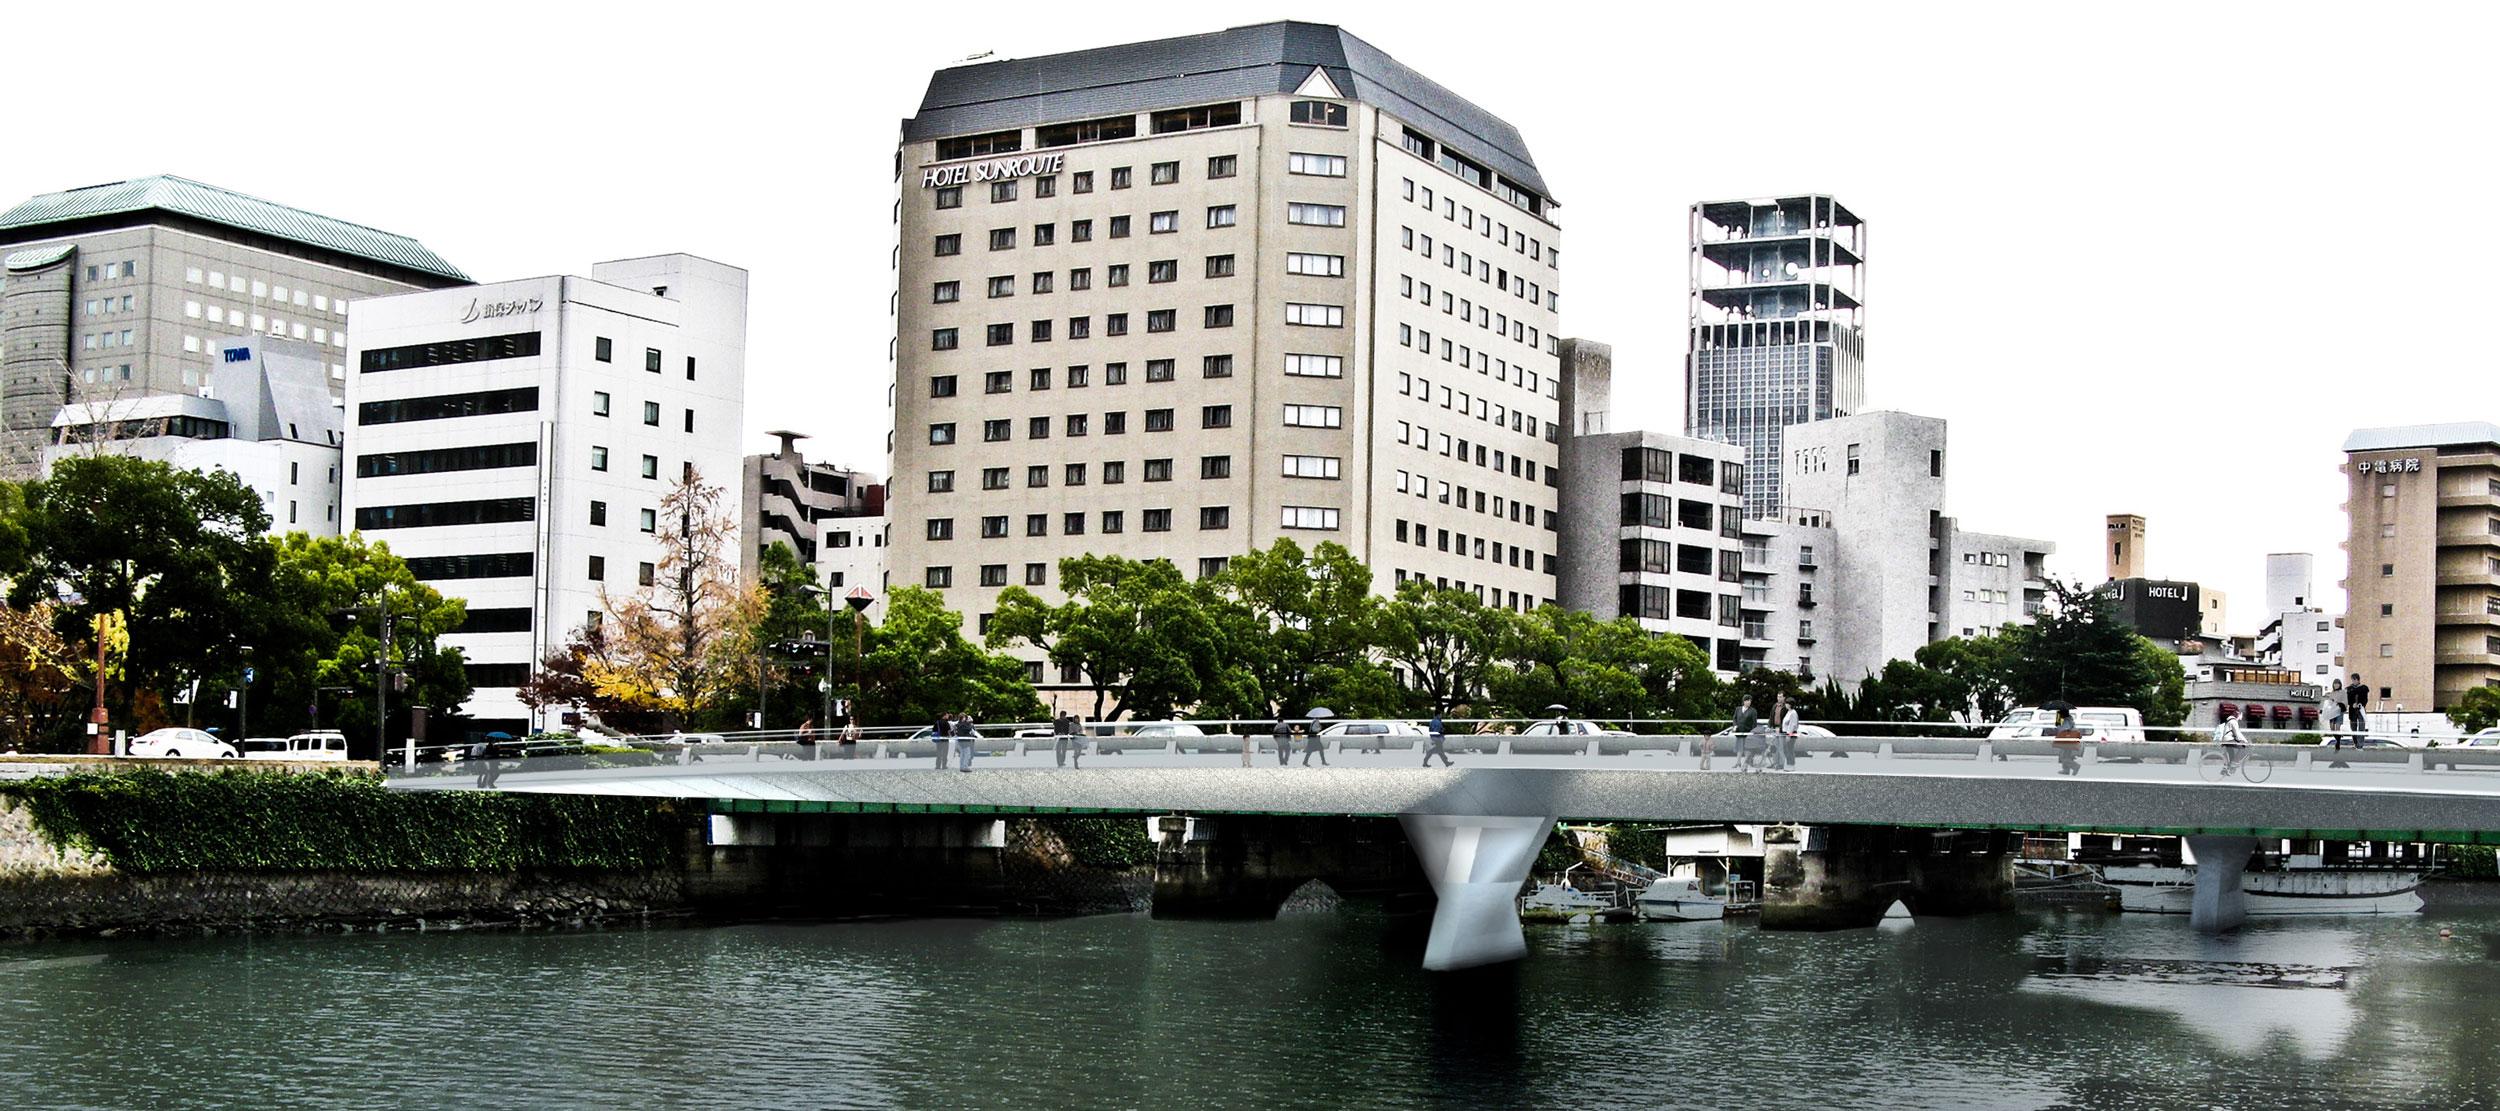 hiroshima-peace-bridge---rendering-(1).jpg